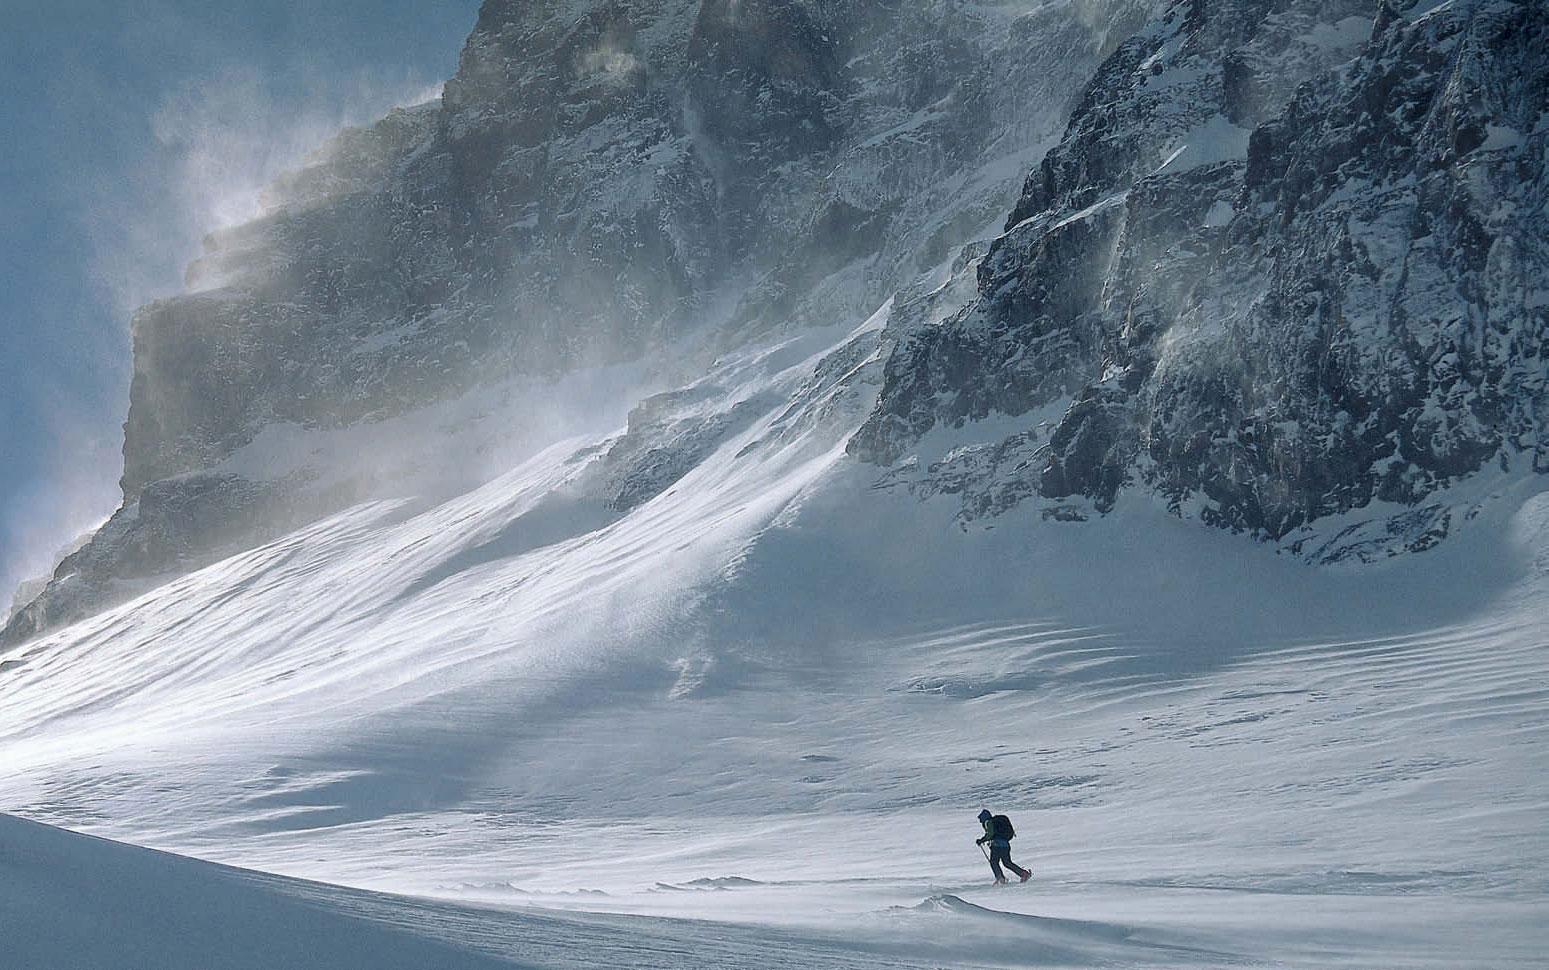 Djebel Toubkal (4167m) Marokko »Schneesturm in Nordafrika«